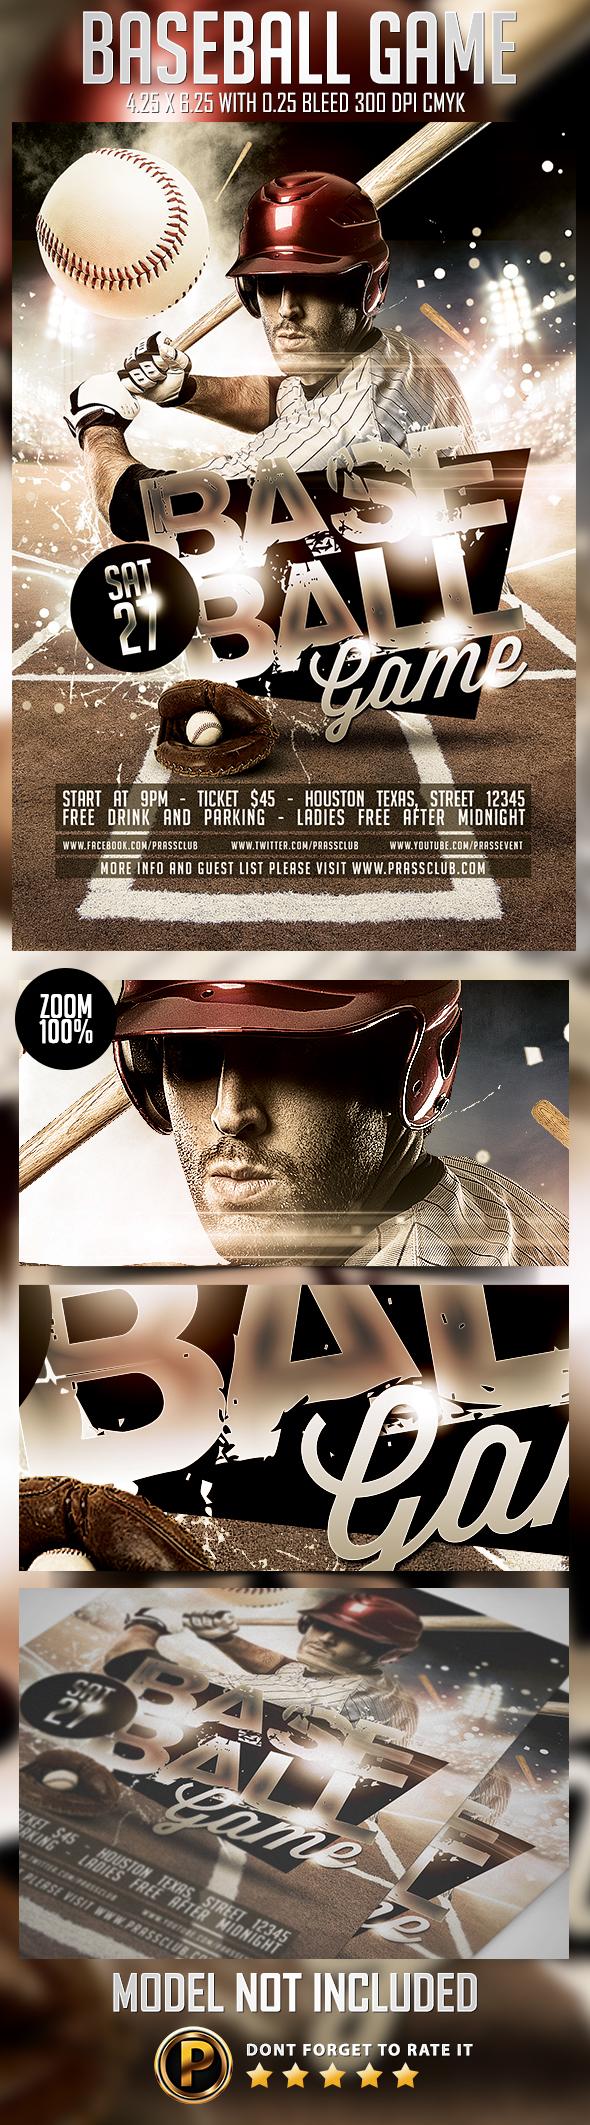 baseball game flyer template on behance